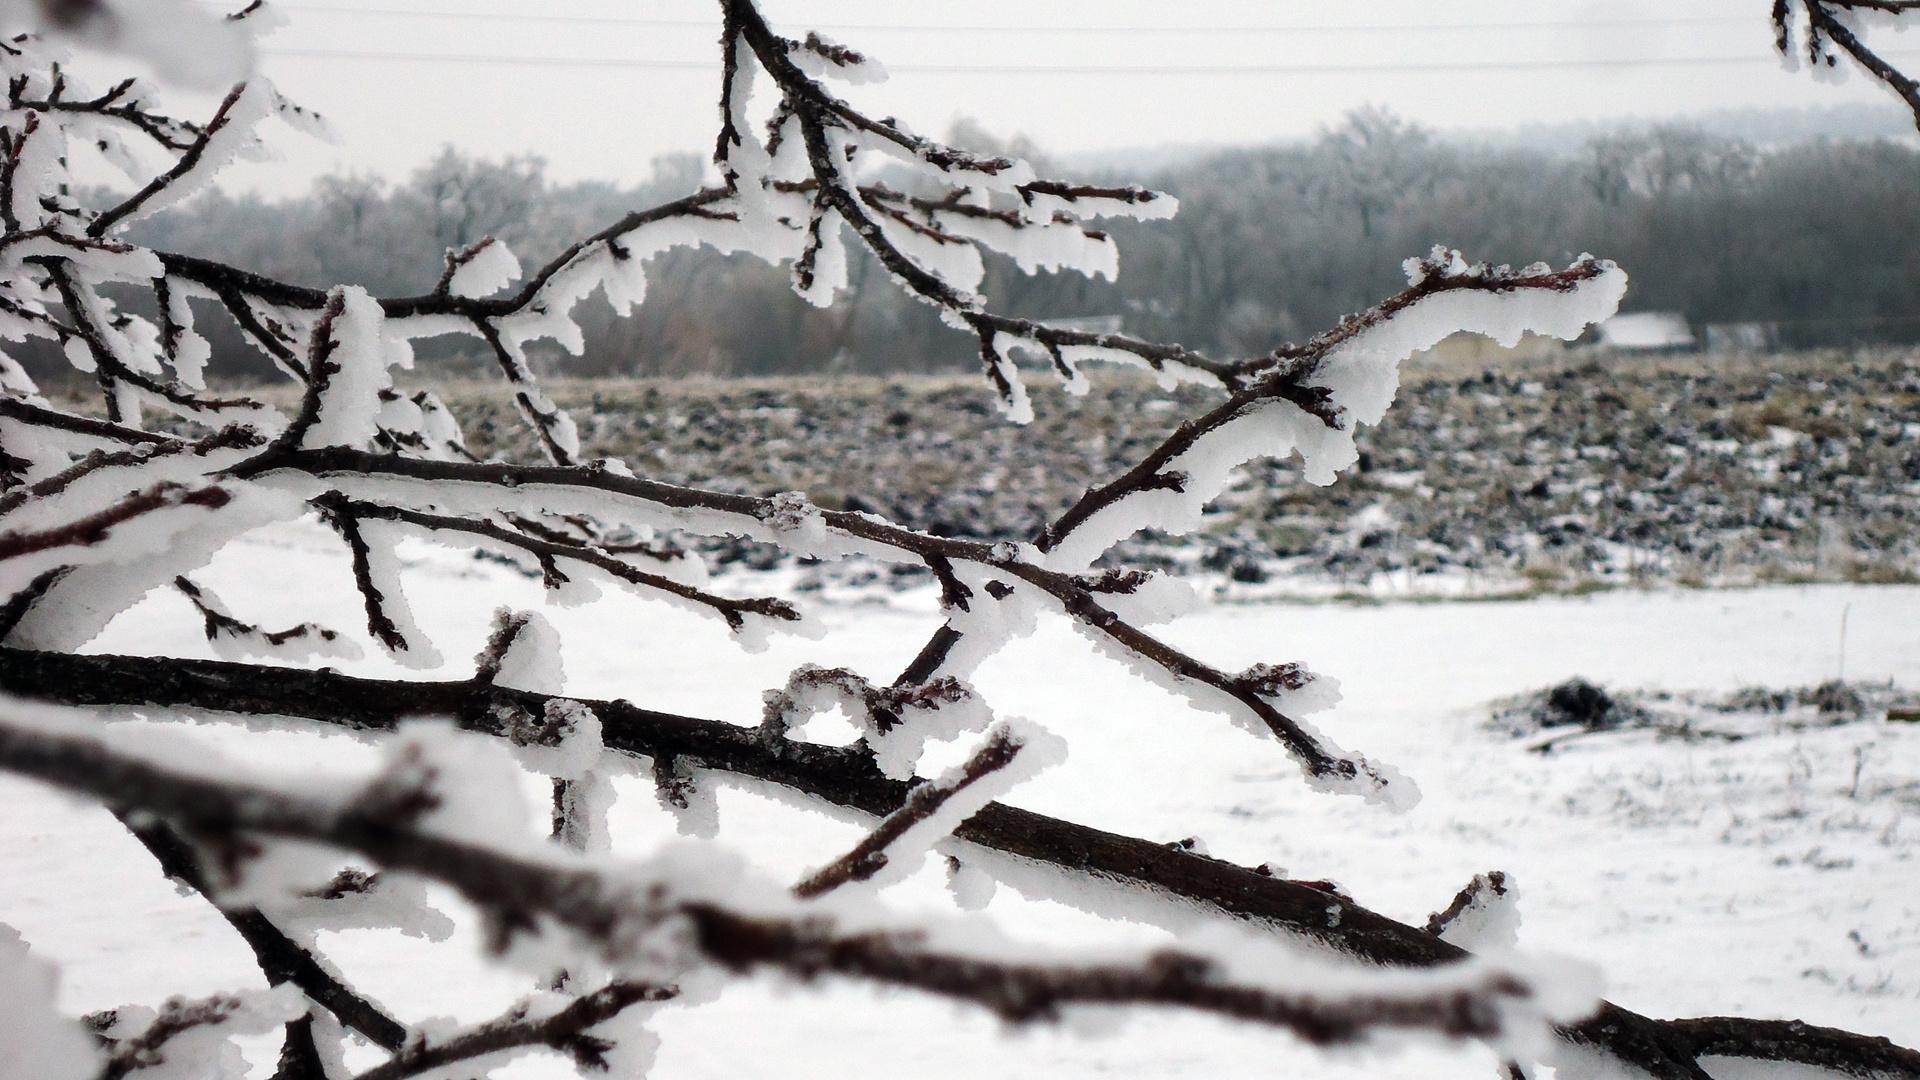 обои на телефон пушистый снег на ветиах деревьев